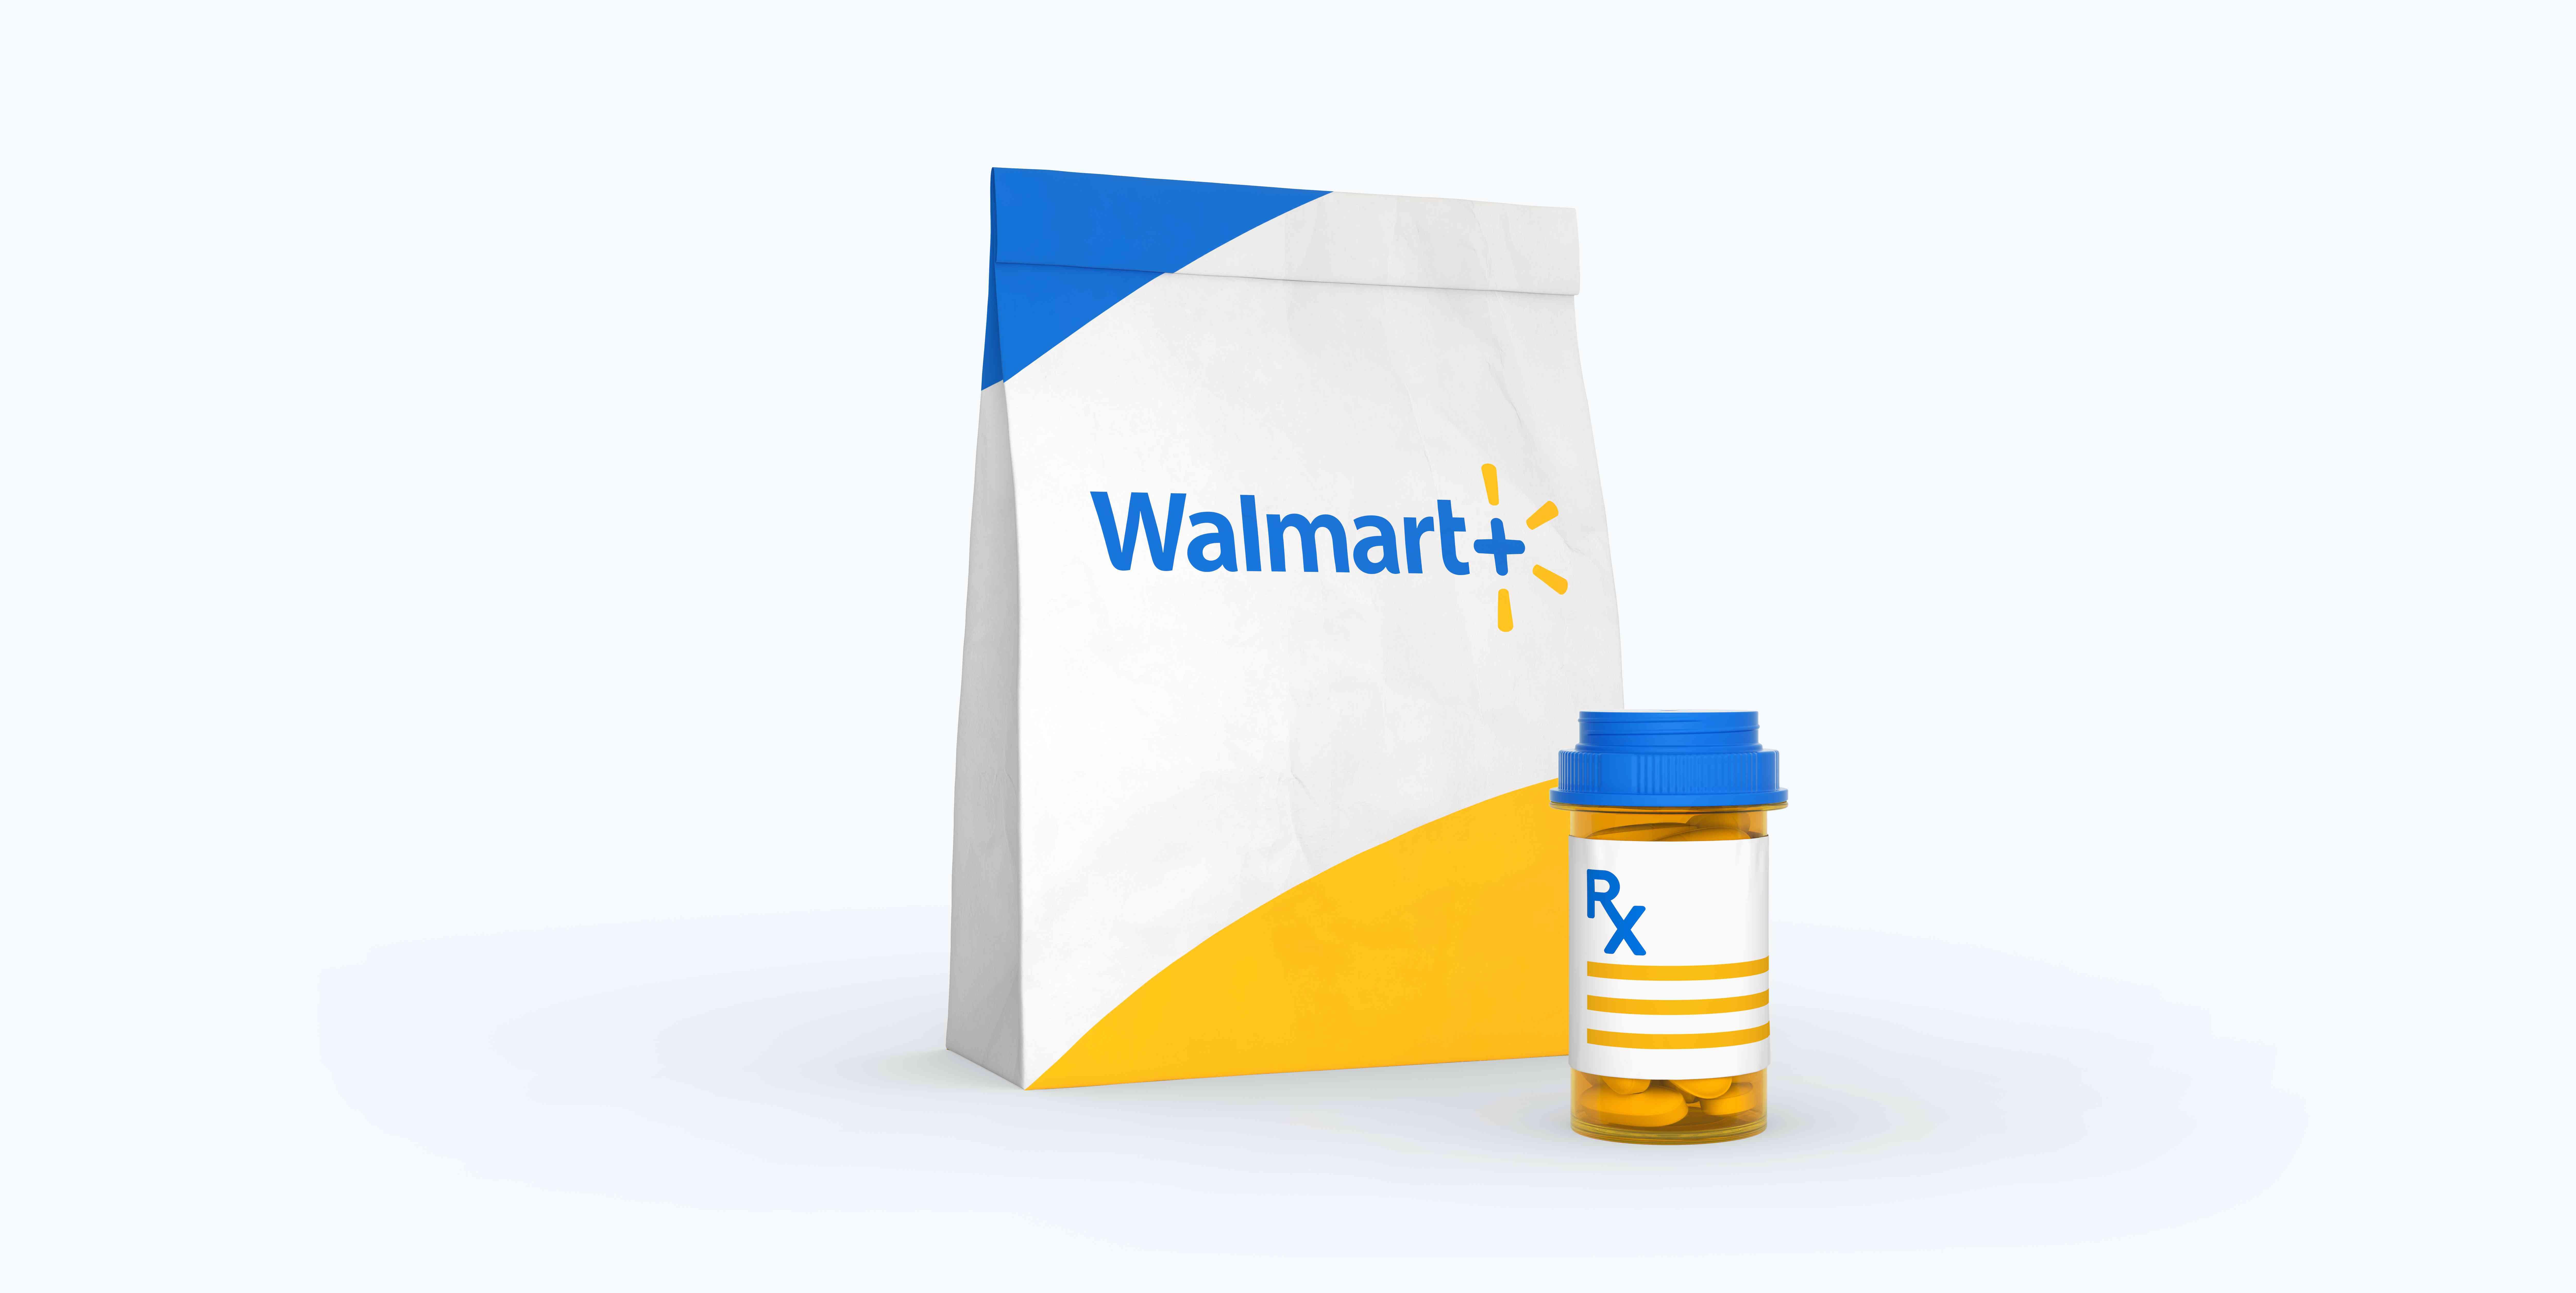 Walmart+ Rx